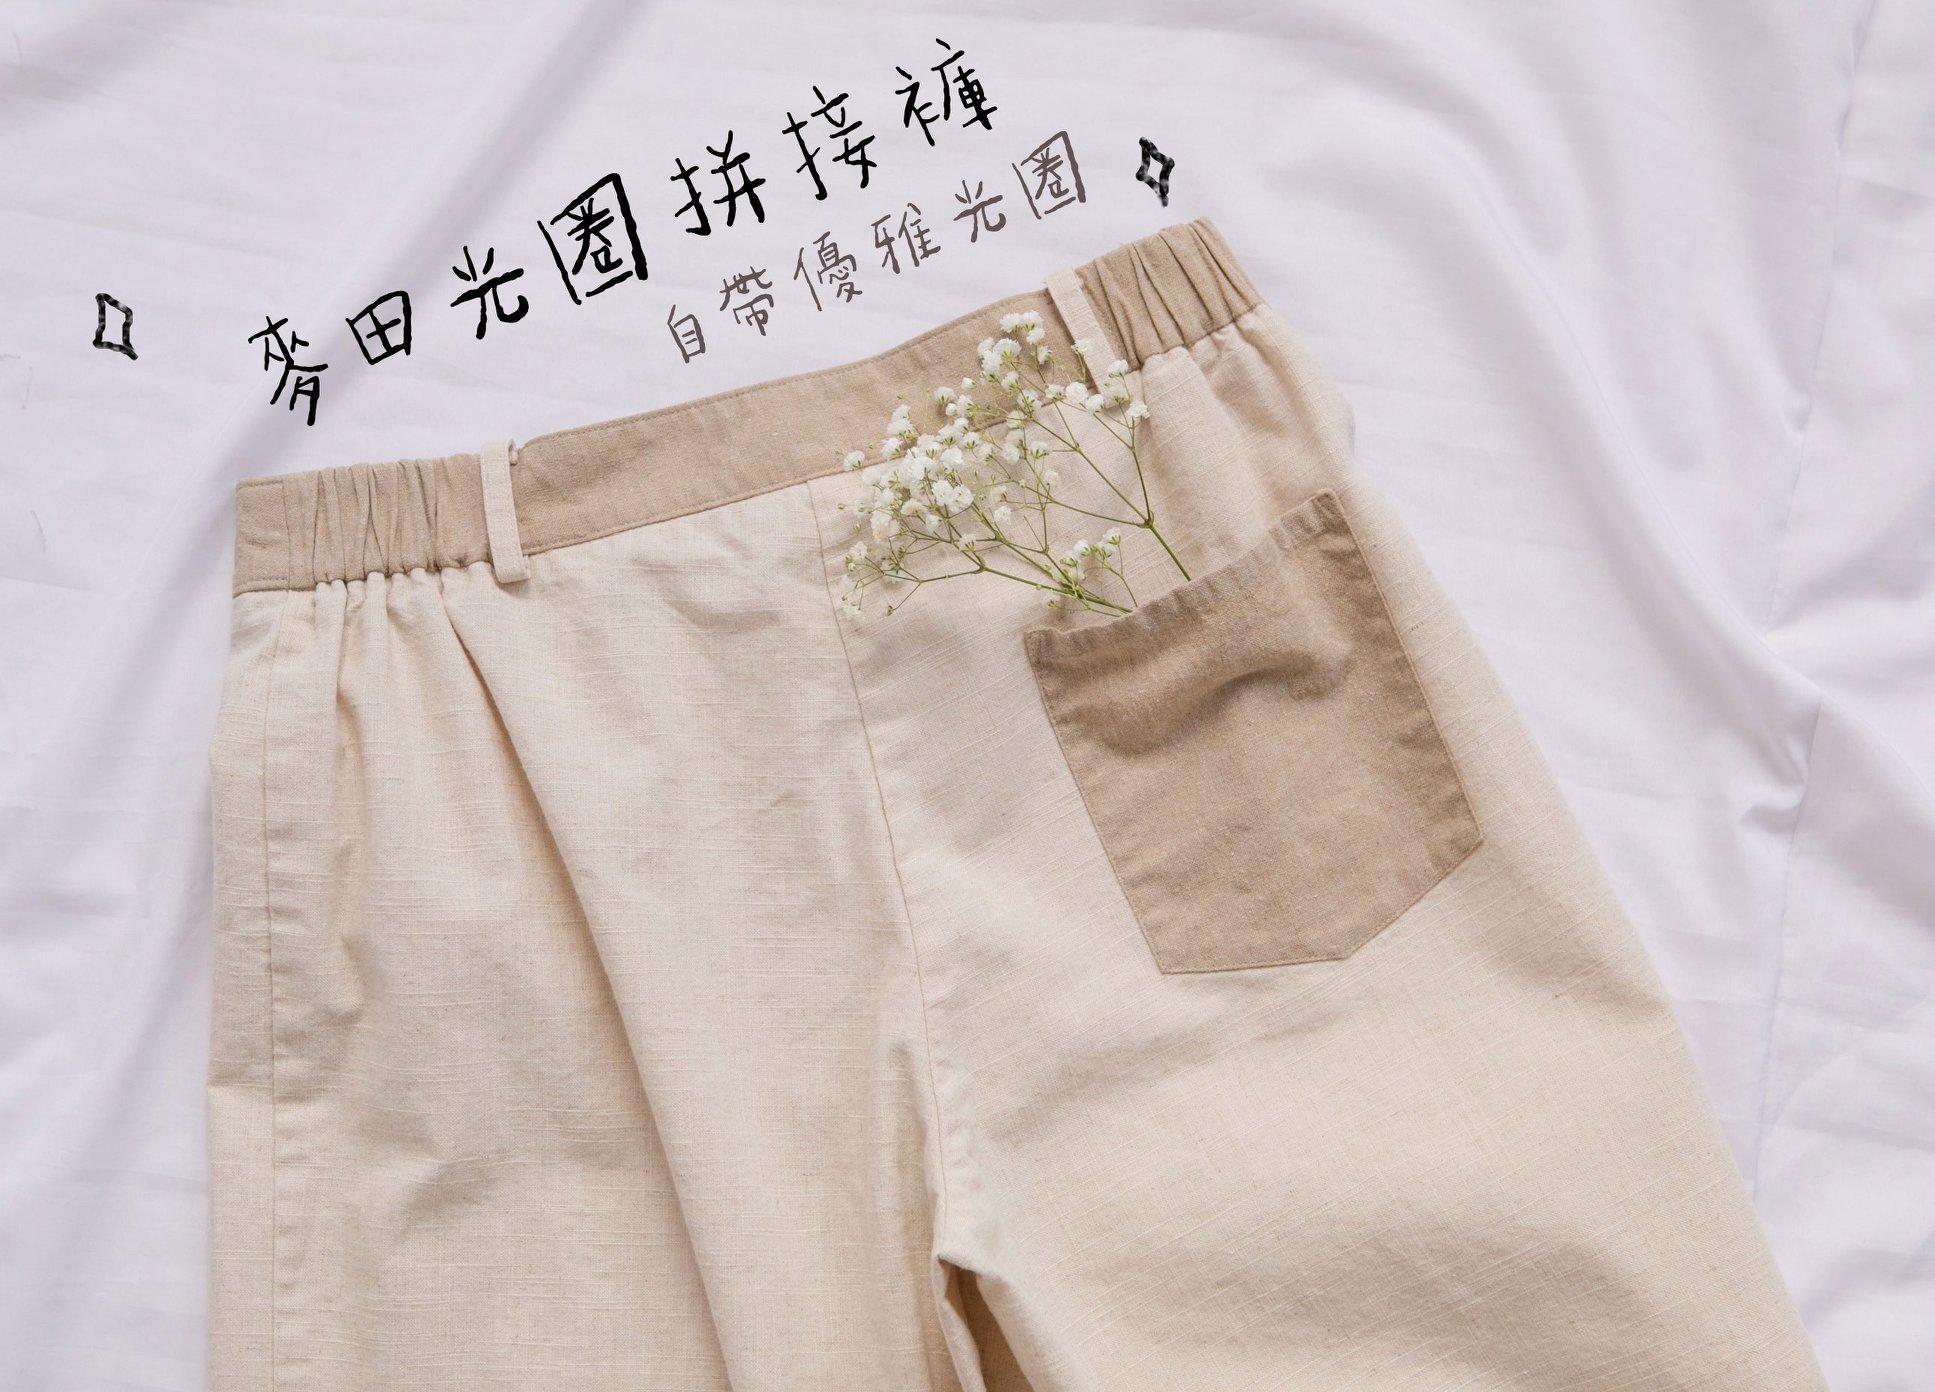 麥田光圈棉麻直筒褲